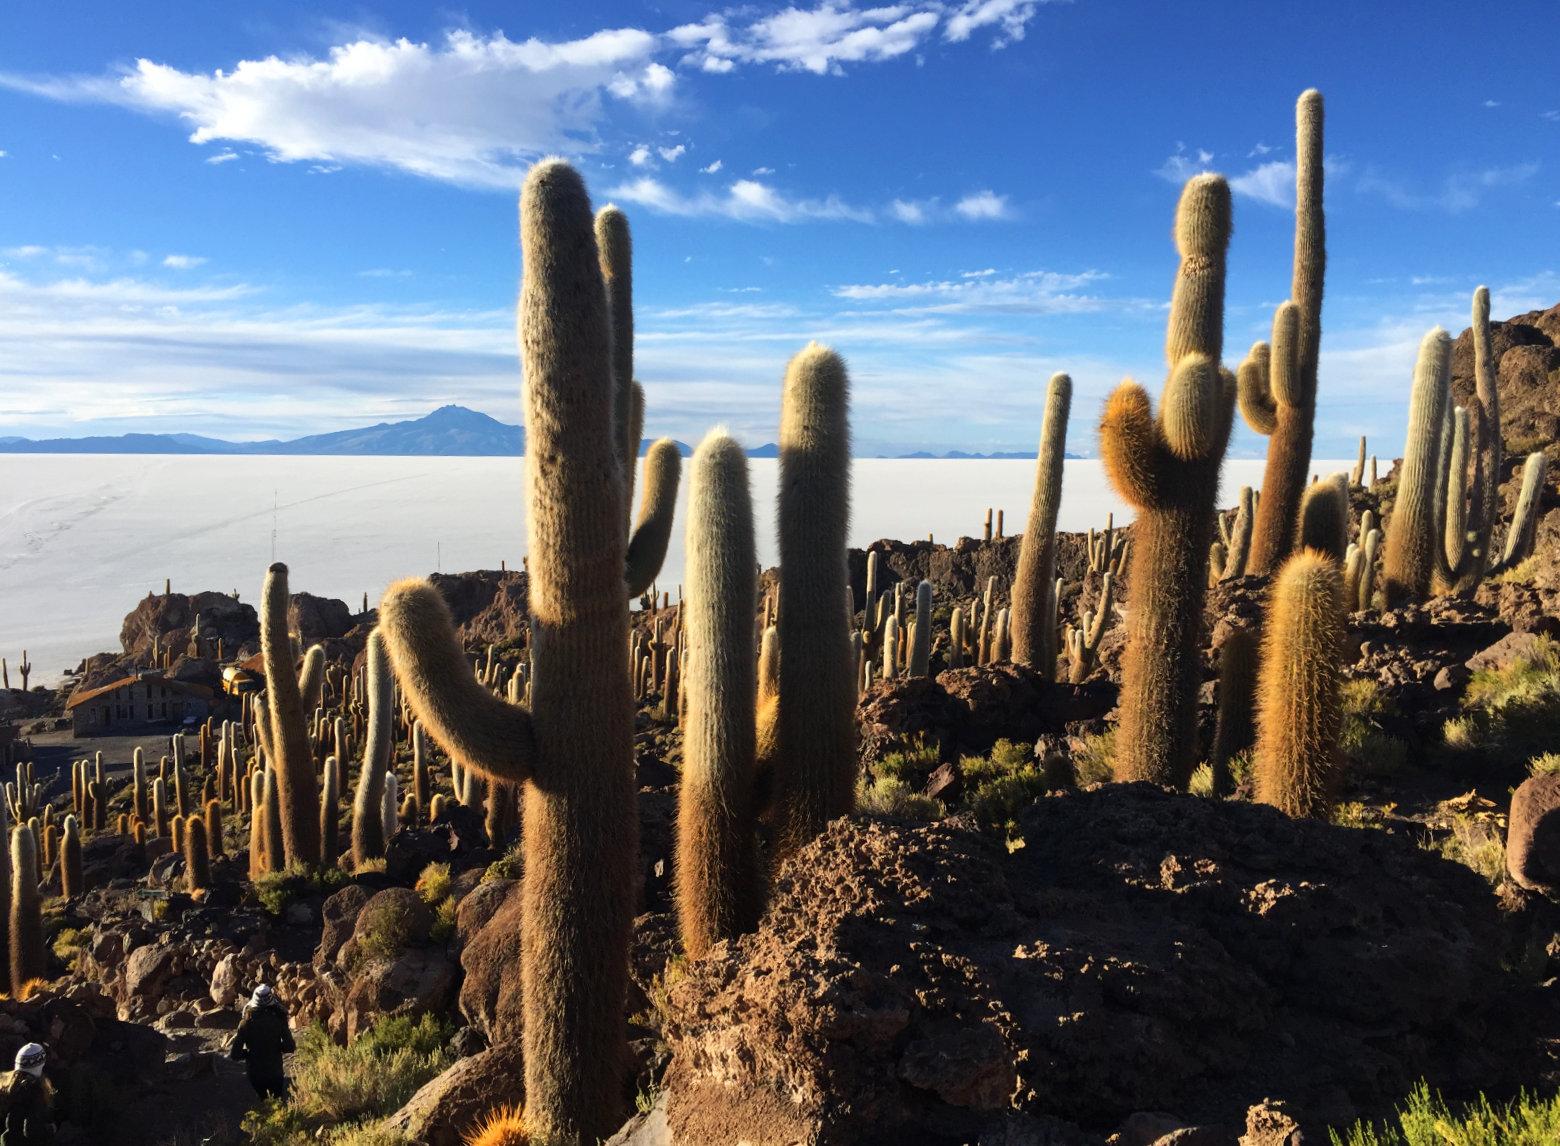 Bolivien Salar de Uyuni Inkahuasi Kaktusinsel